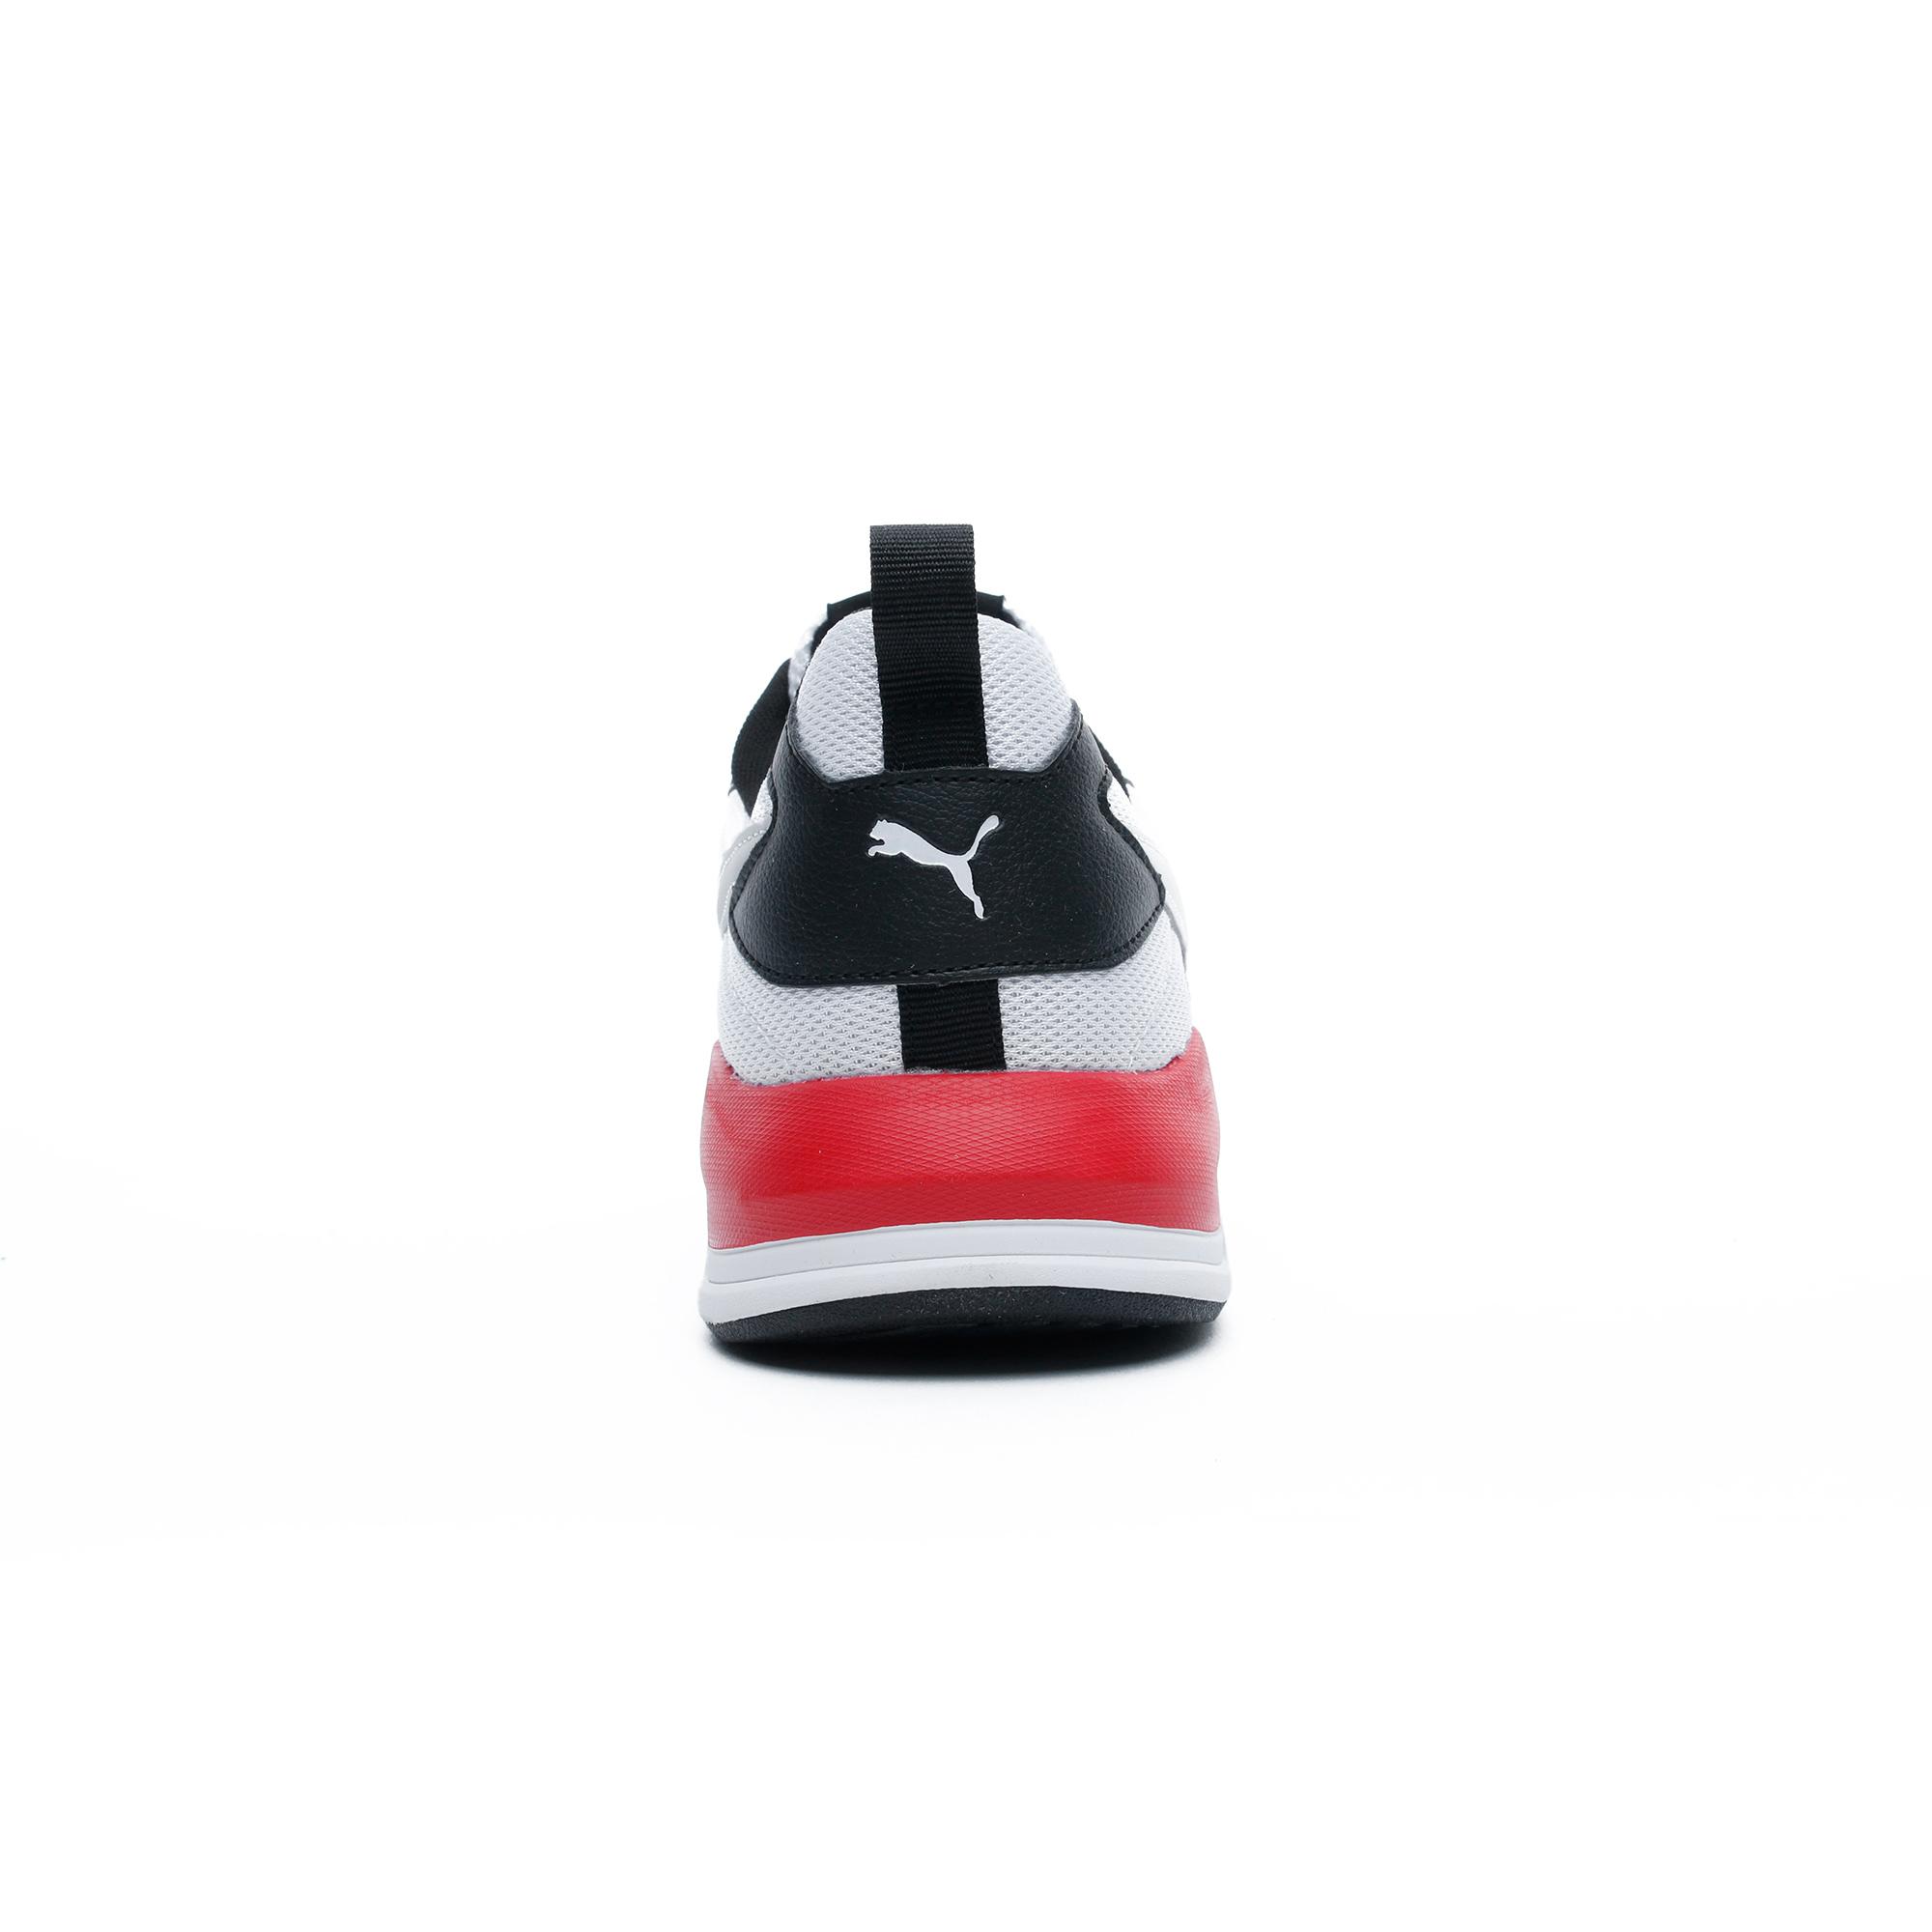 Puma X-Ray Lite Erkek Spor Ayakkabı